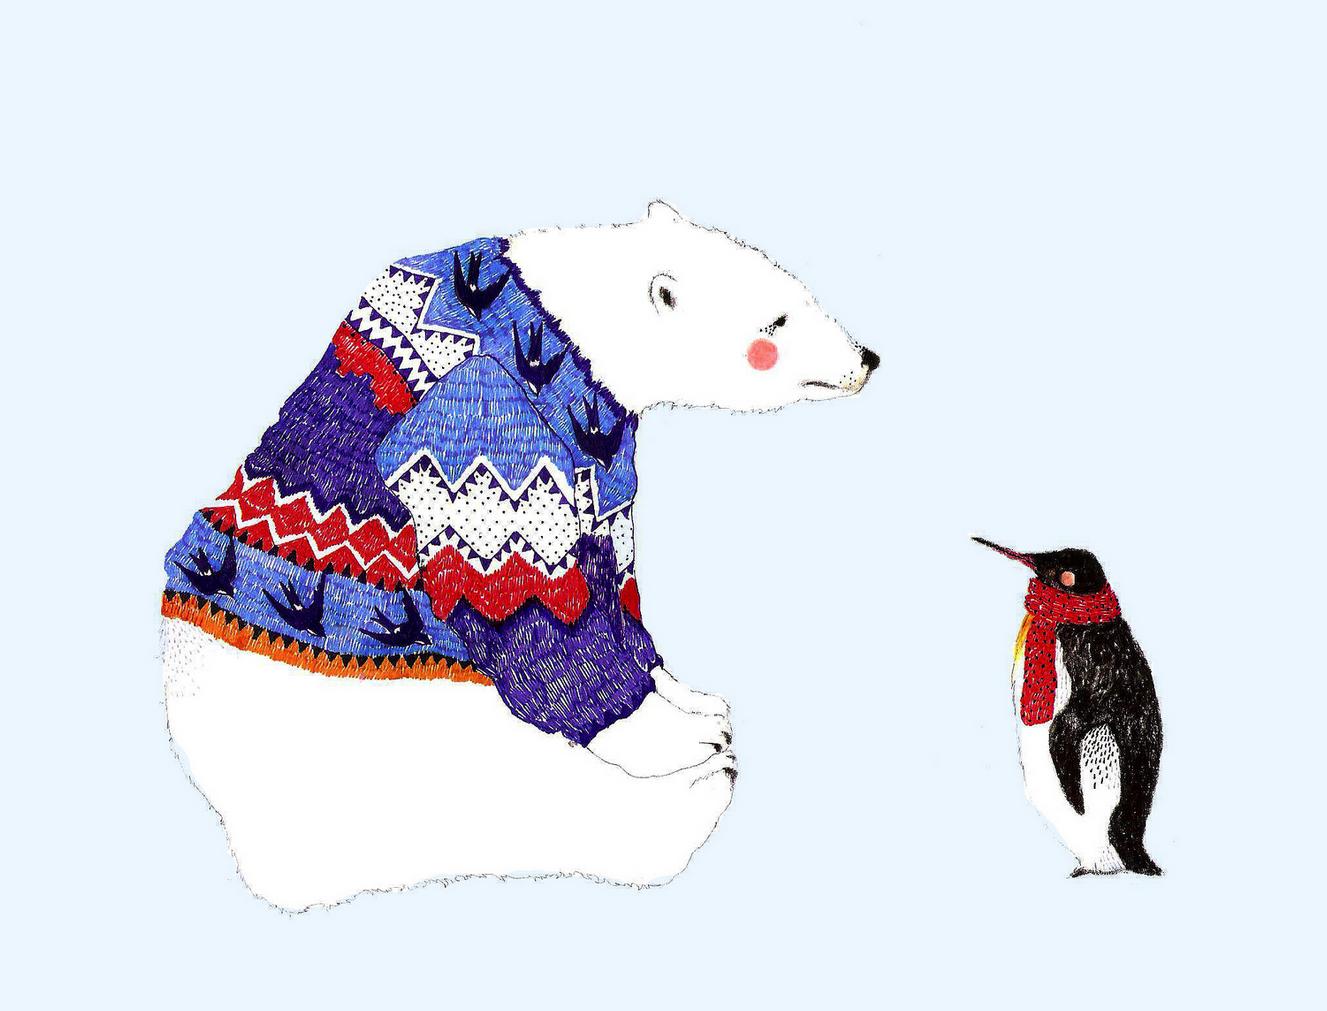 panda bear & penguin illustration by Daniela Dahf henriquez